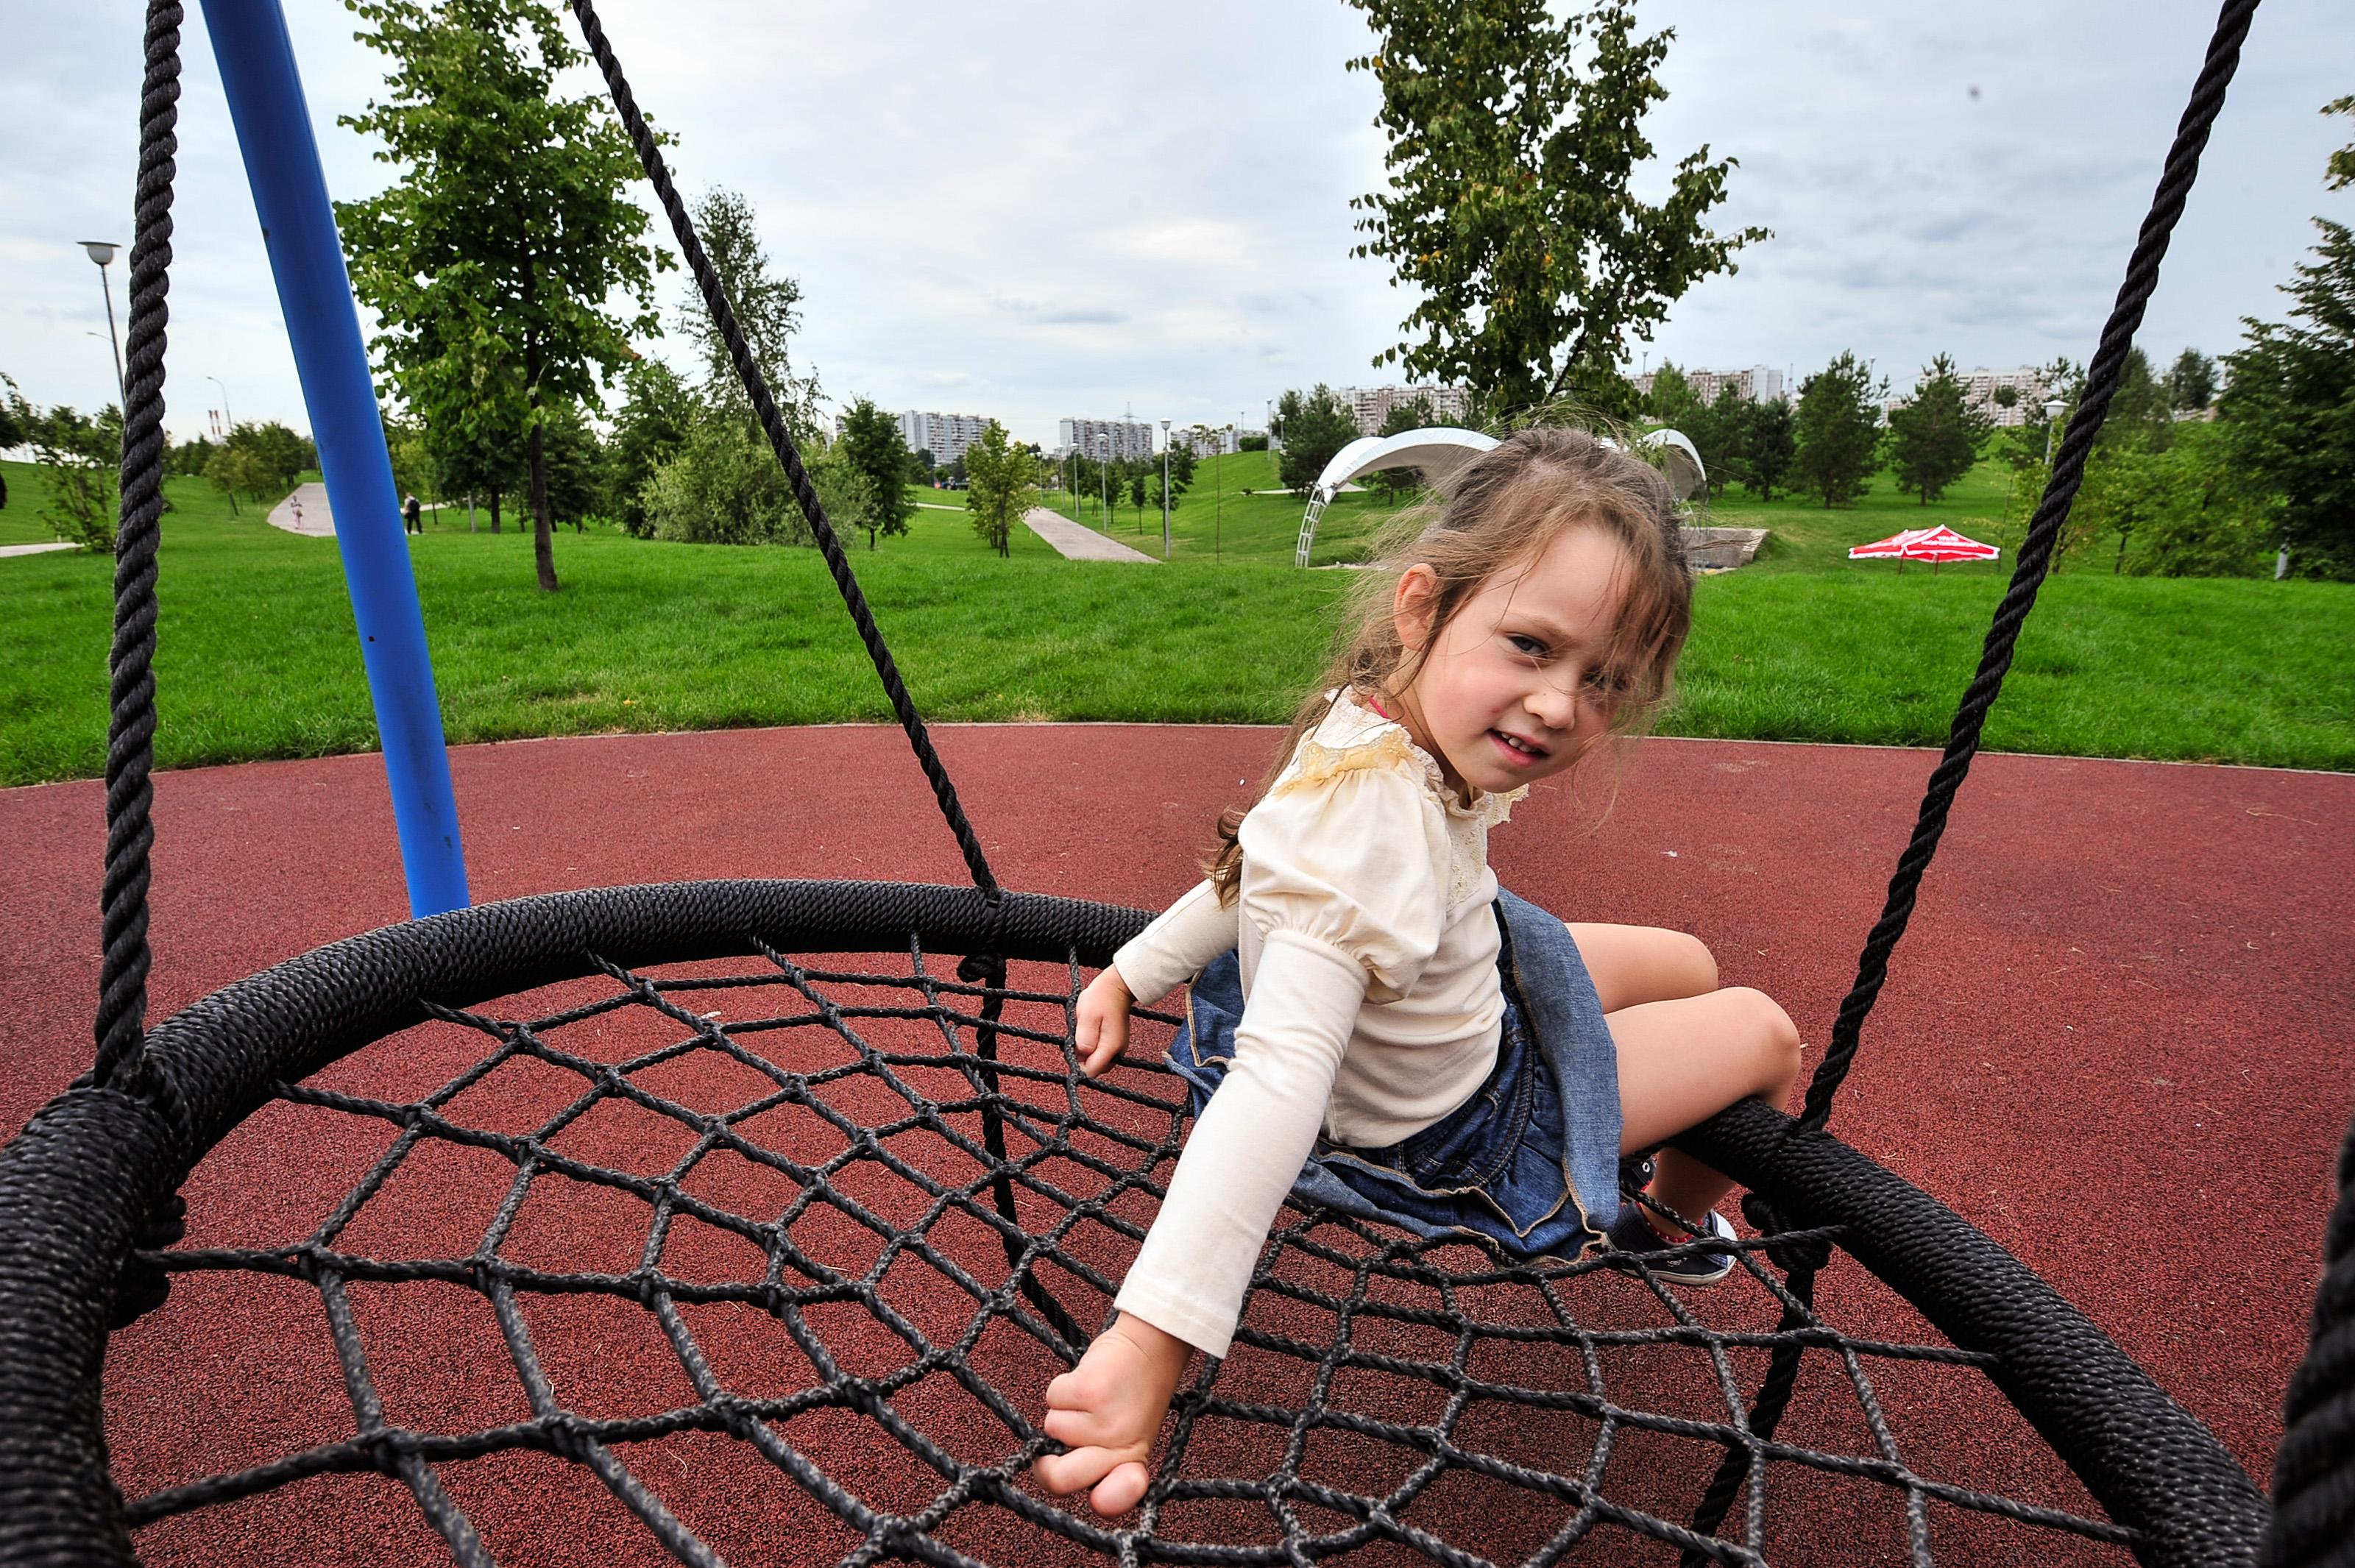 Площадка для активных детей: дворовую территорию благоустроили вблизи СНТ «Ракитки»